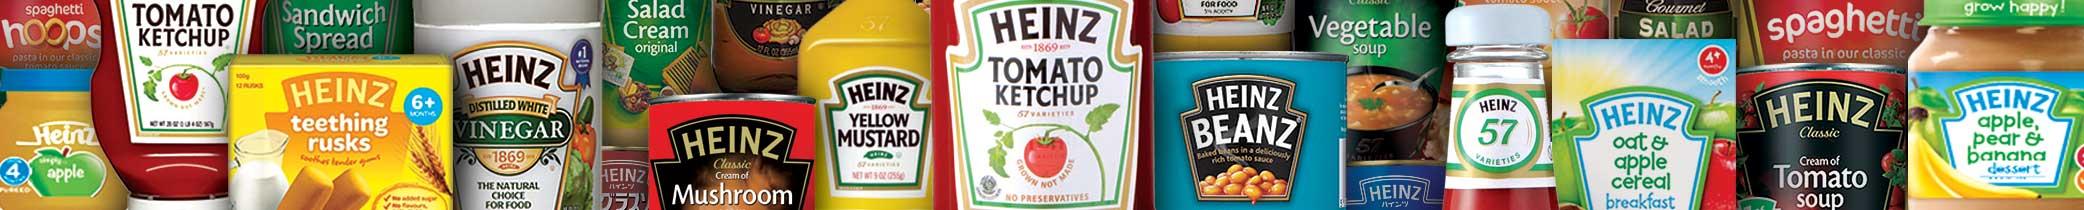 Heinz Banner Image